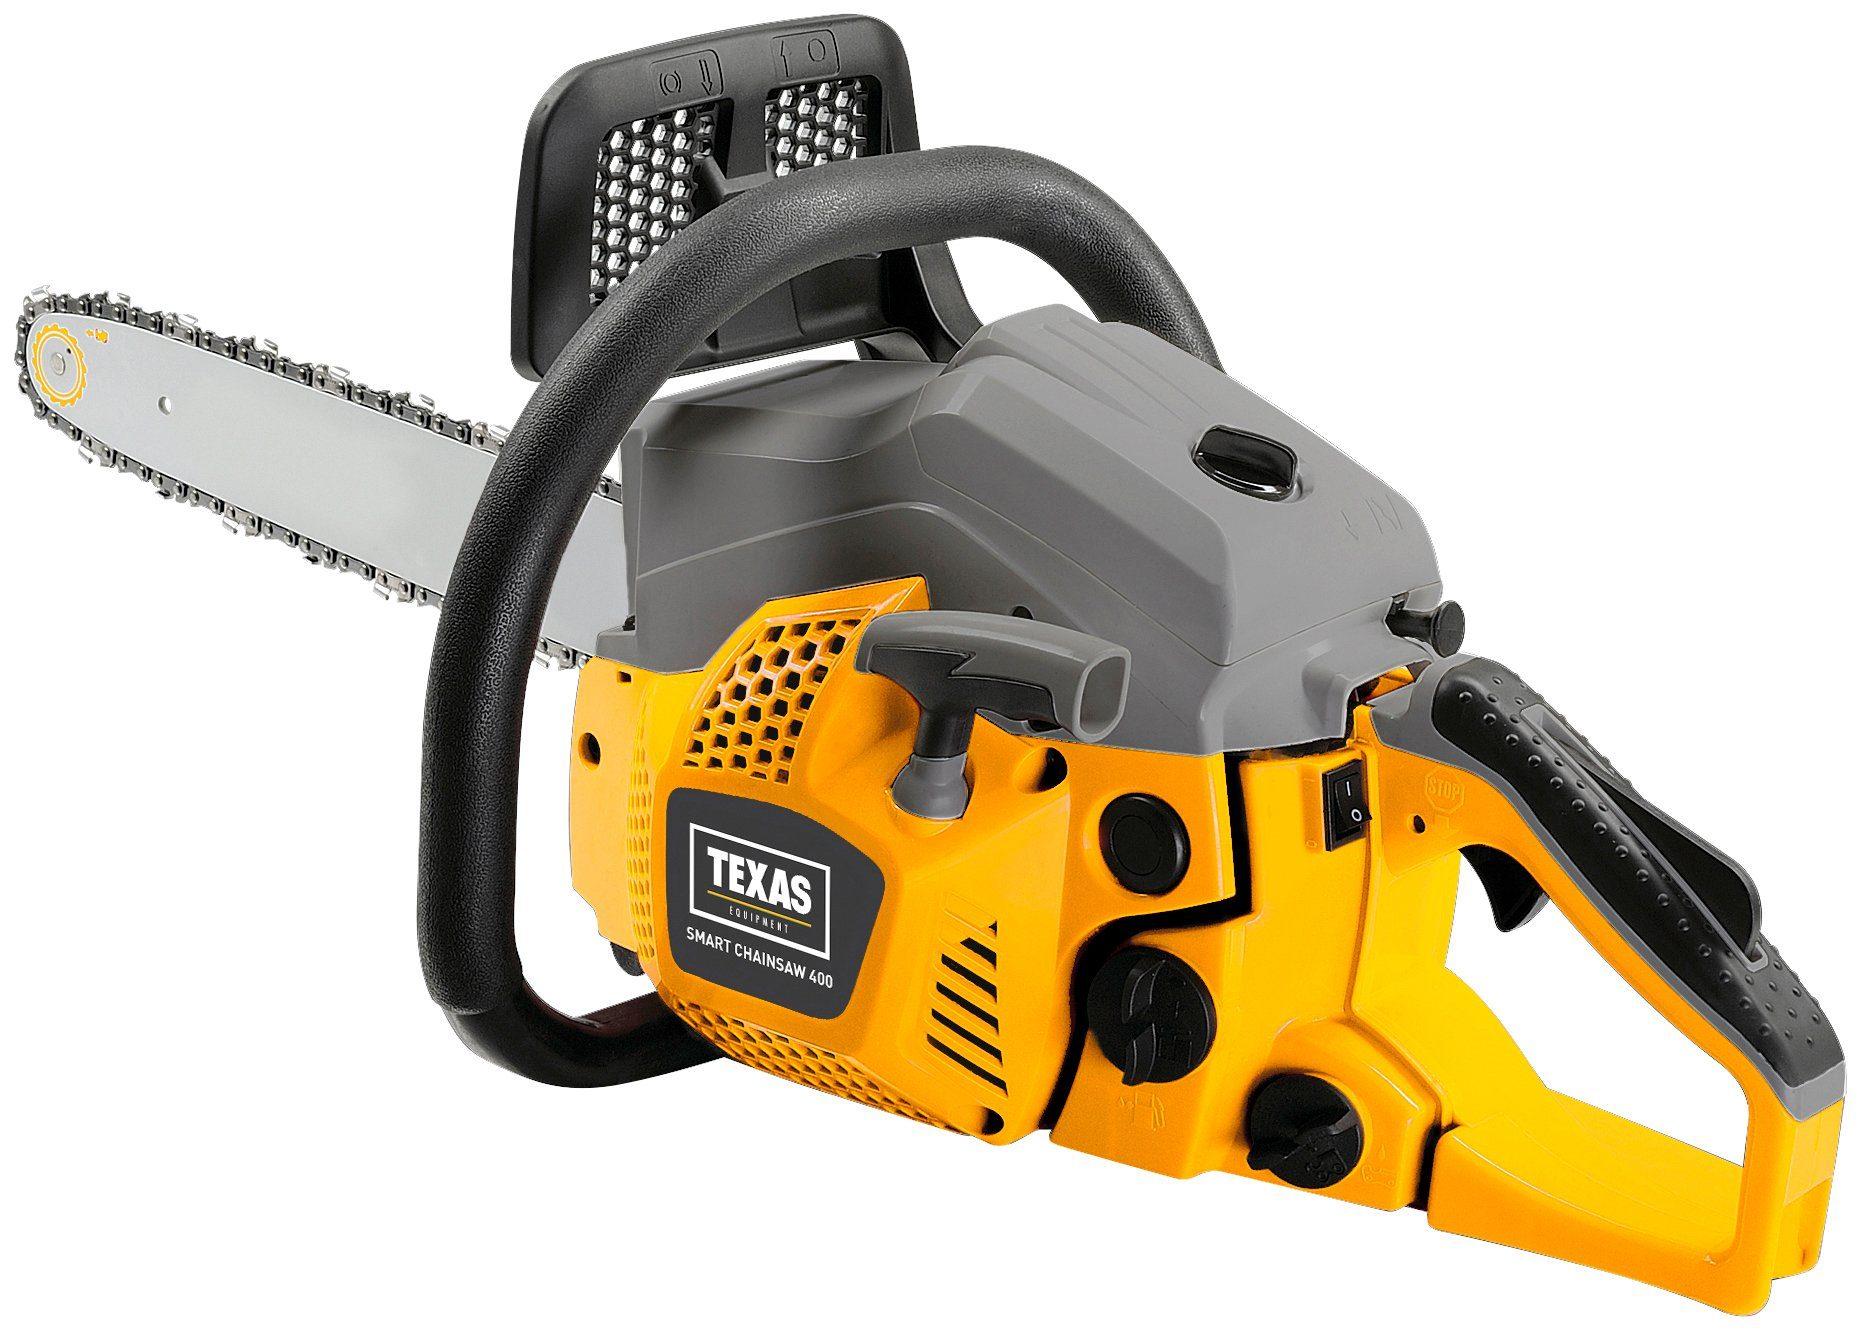 TEXAS Benzin-Kettensäge »Smart Chainsaw 400«, 40 cm Schwertlänge